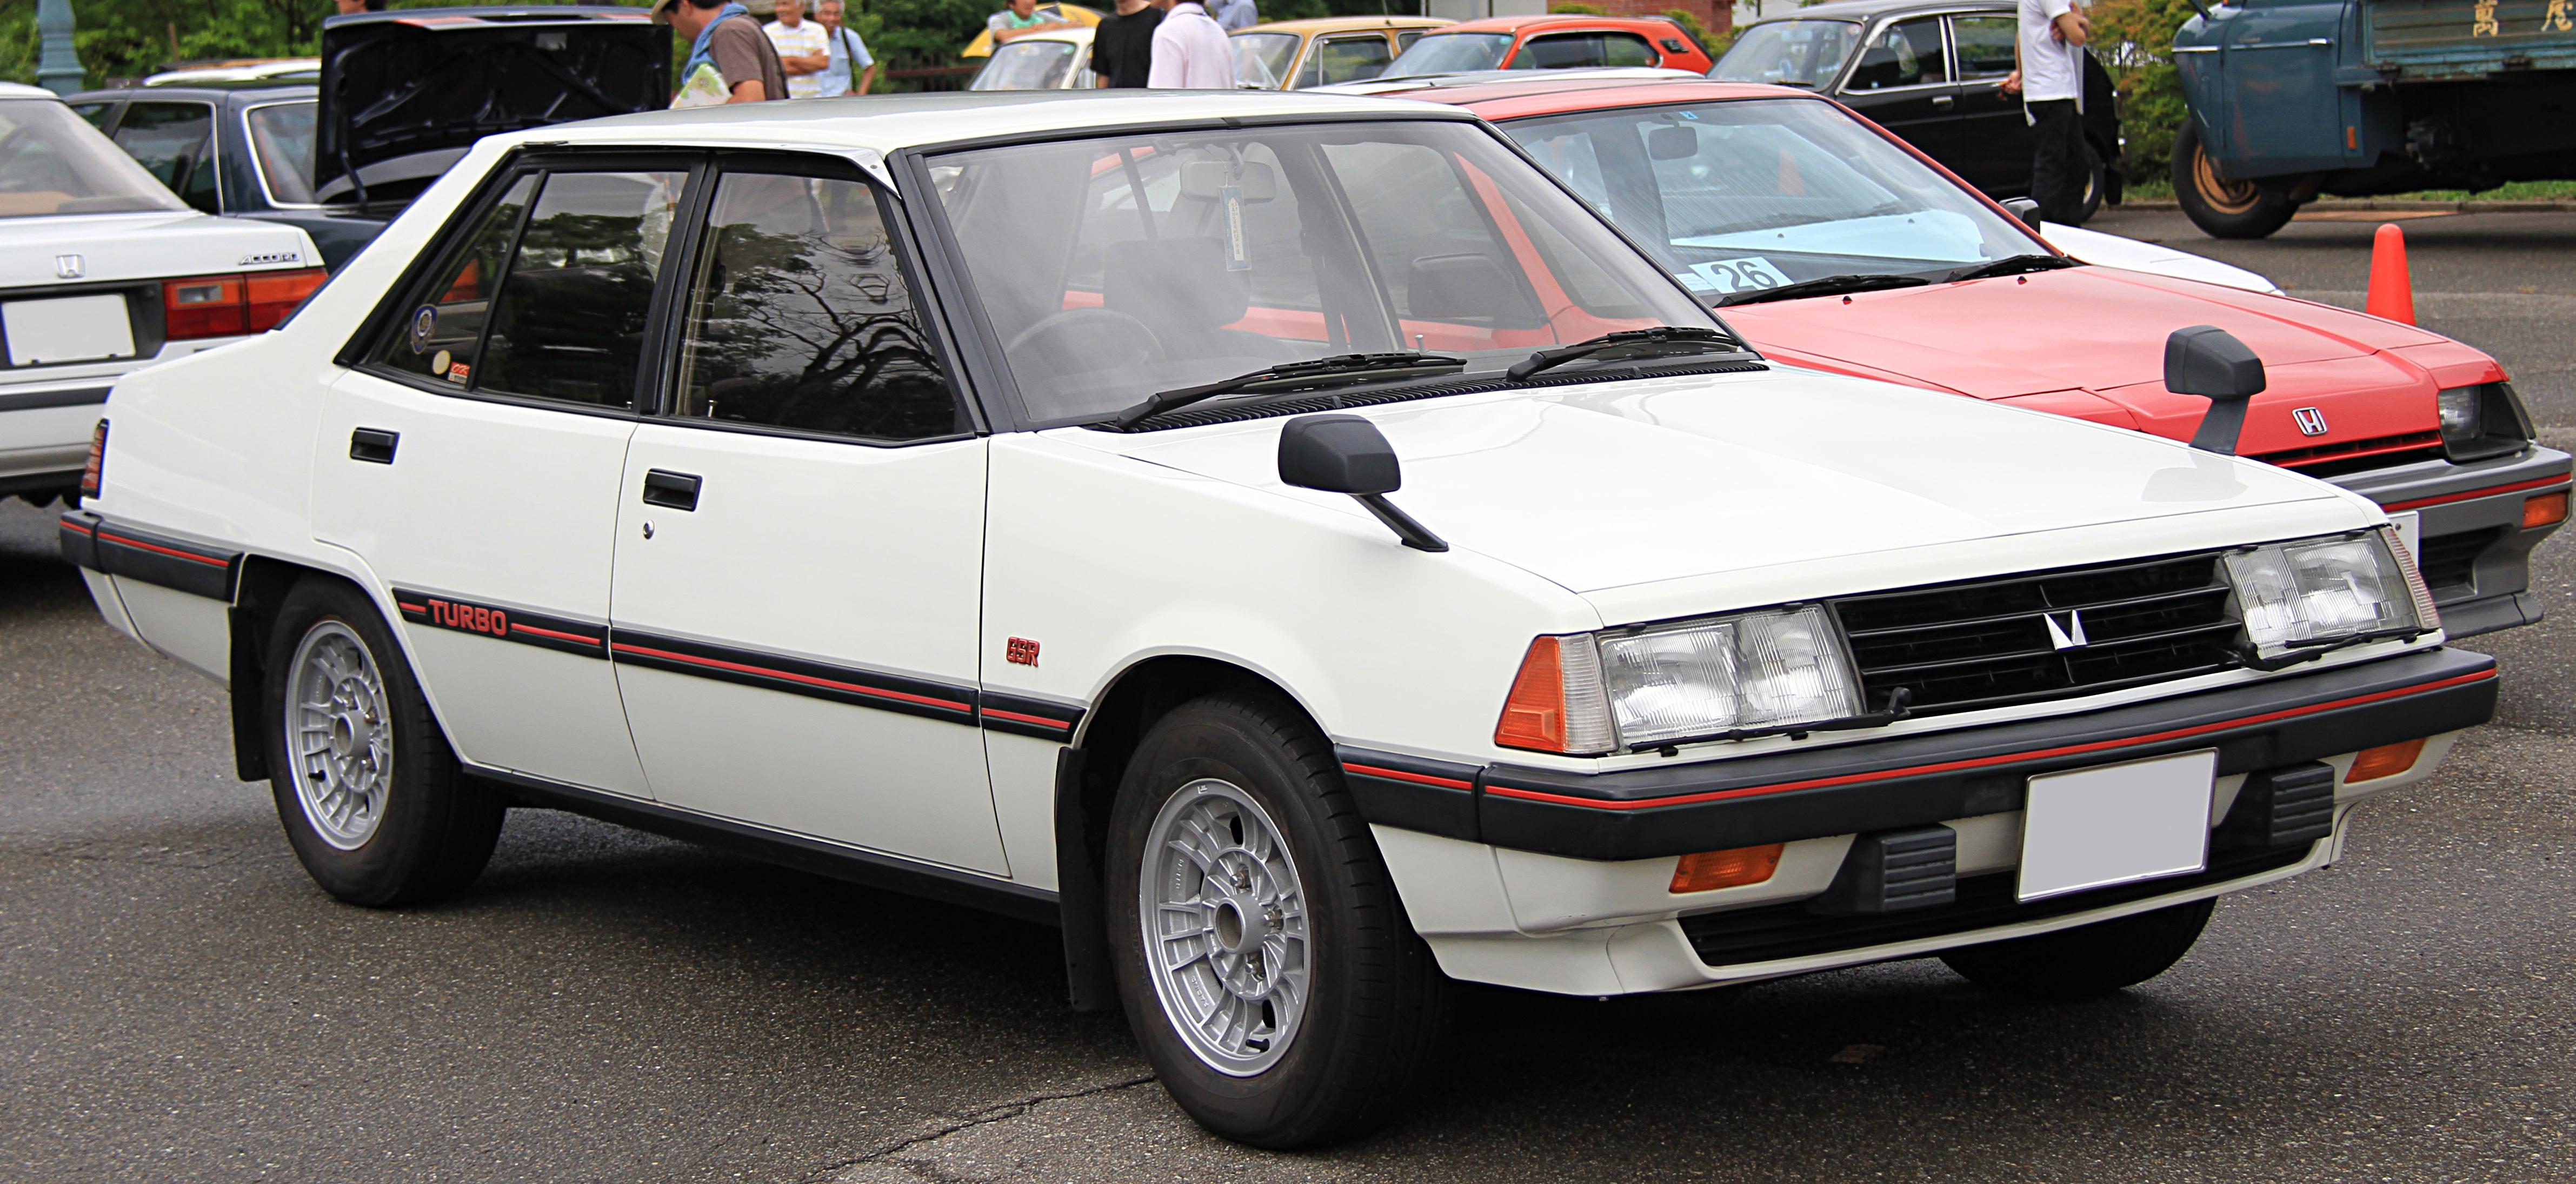 Mitsubishi galant 1982